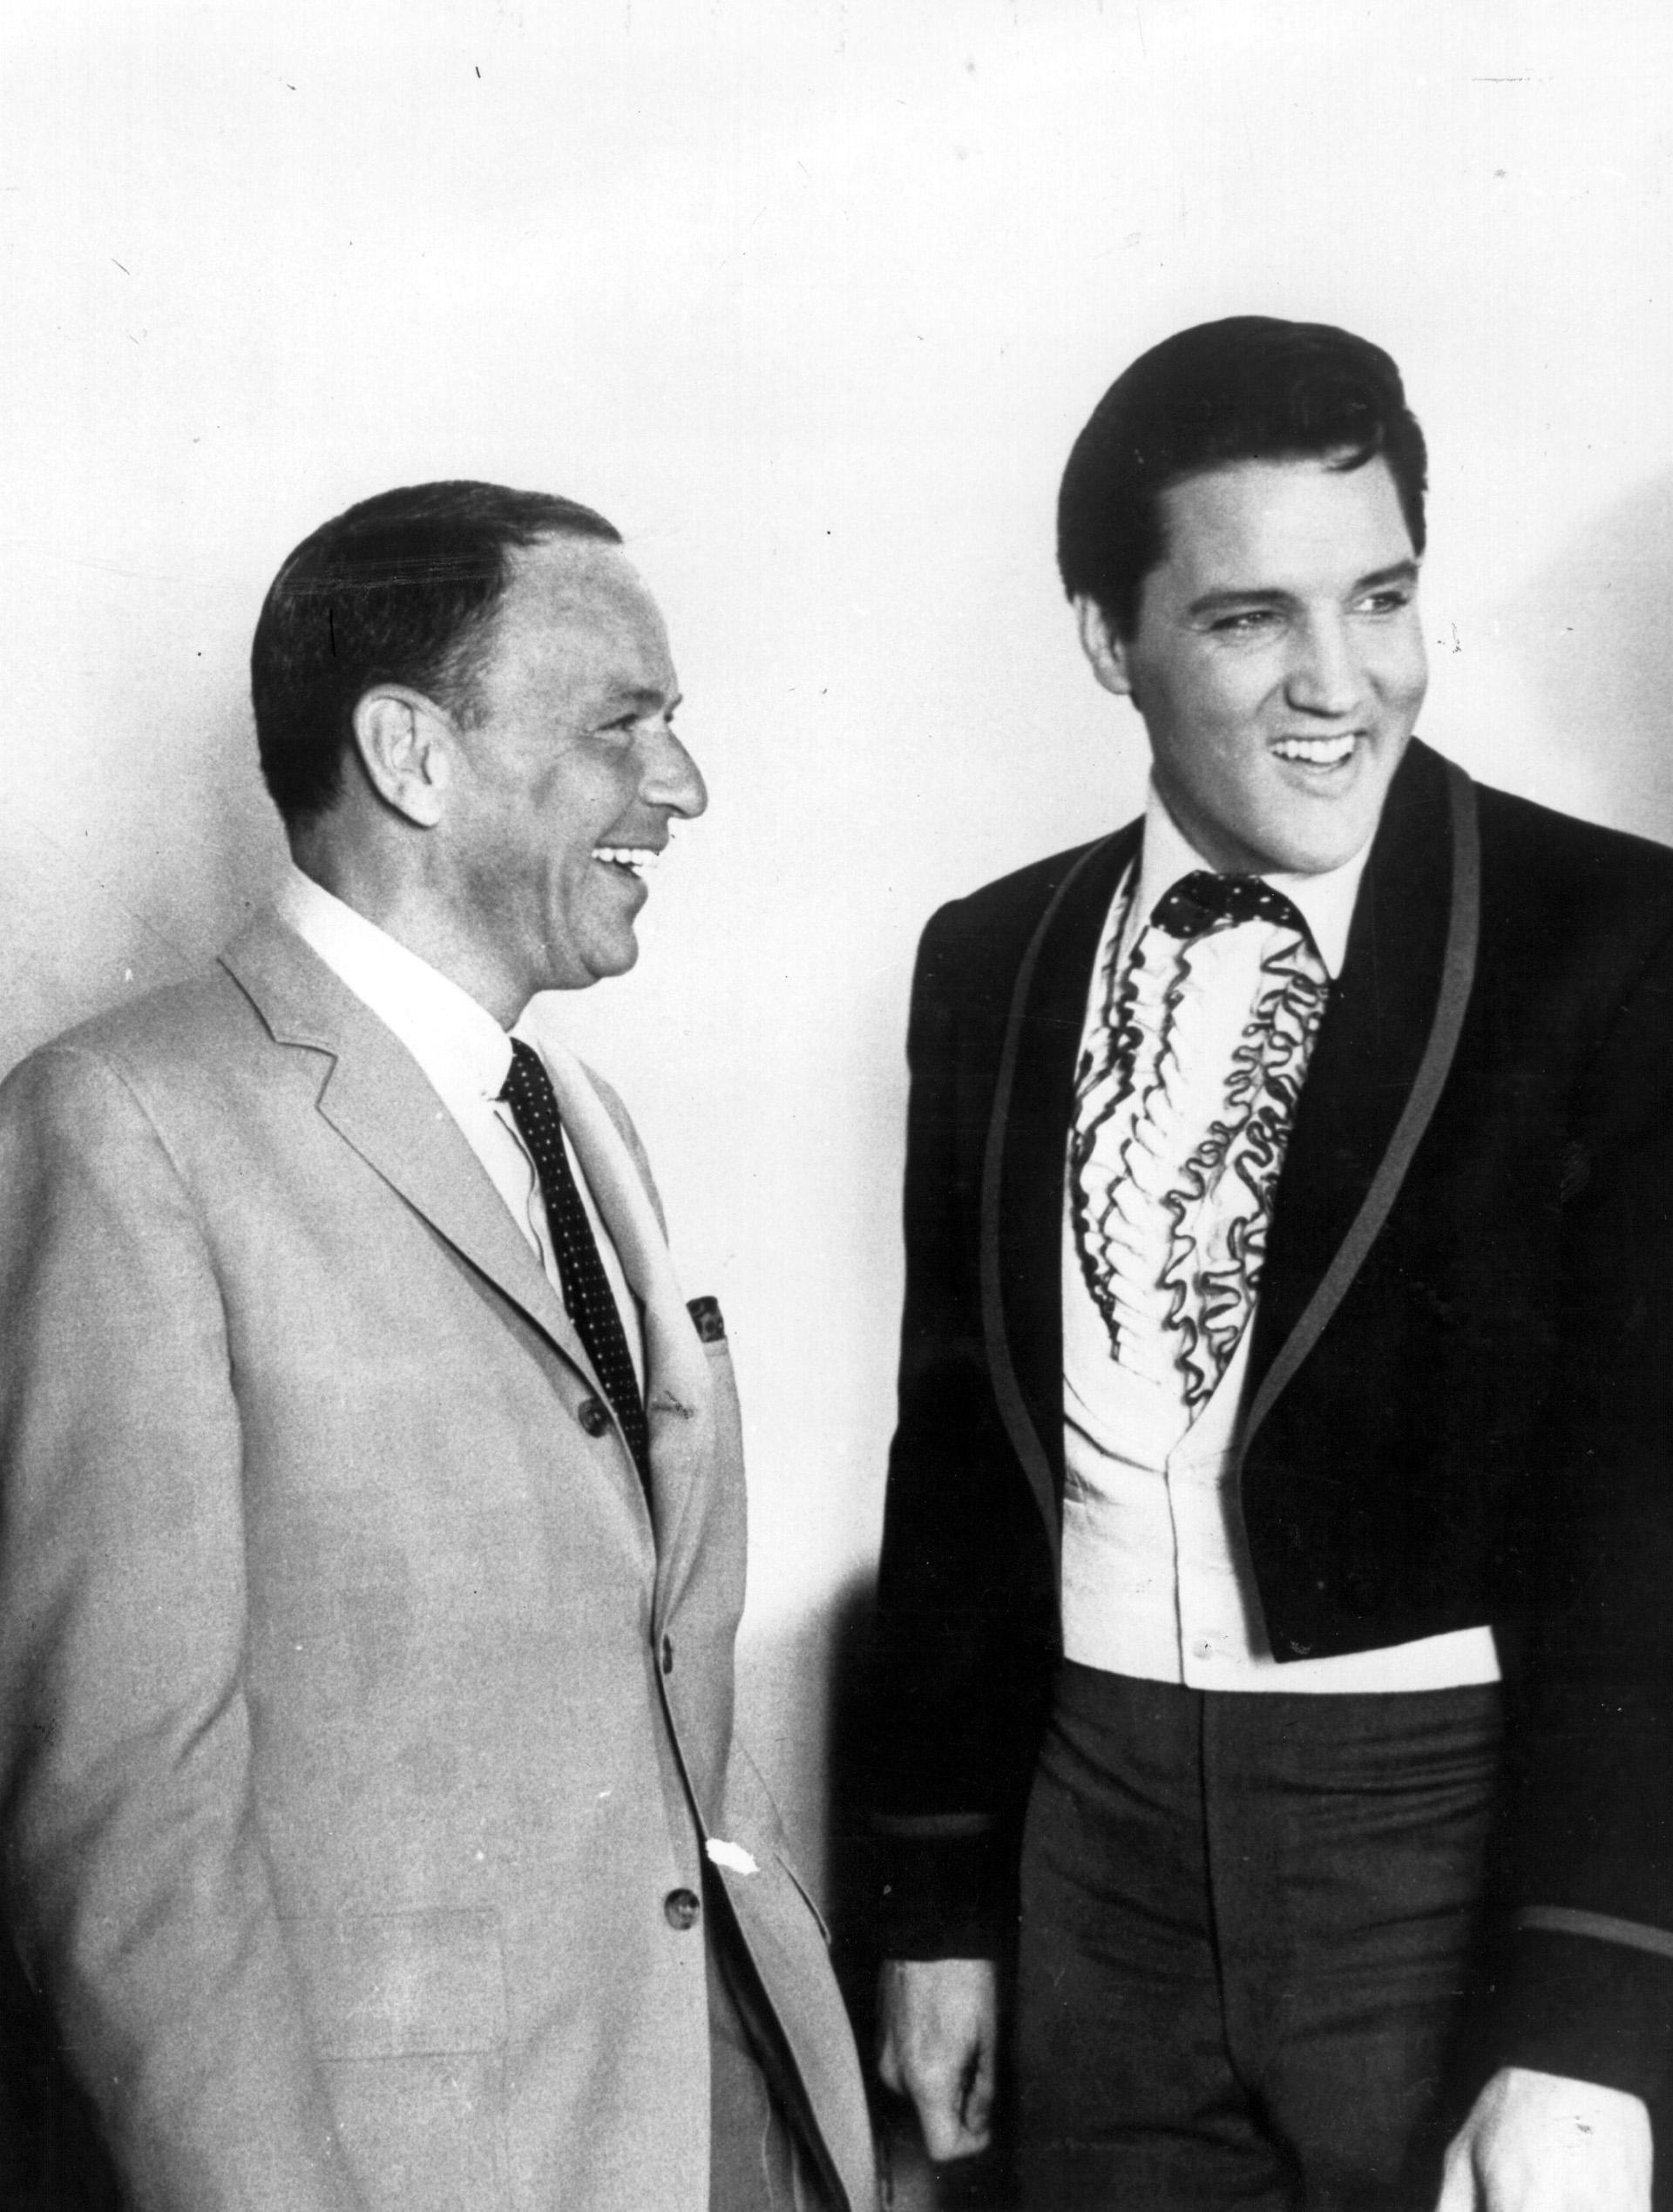 Em 18 de junho de 1965, as vozes masculinas mais populares nos Estados Unidos se reuniram pela primeira vez.  Frank Sinatra e Elvis Presley posam para a imprensa.  Sinatra estava no set do filme 'Frankie And Johnny' e Presley tinha acabado de doar $ 50.000 para o 'Motion Picture Relief Fund' para ajudar atores e atrizes em necessidade (Photo by Keystone / Getty Images)